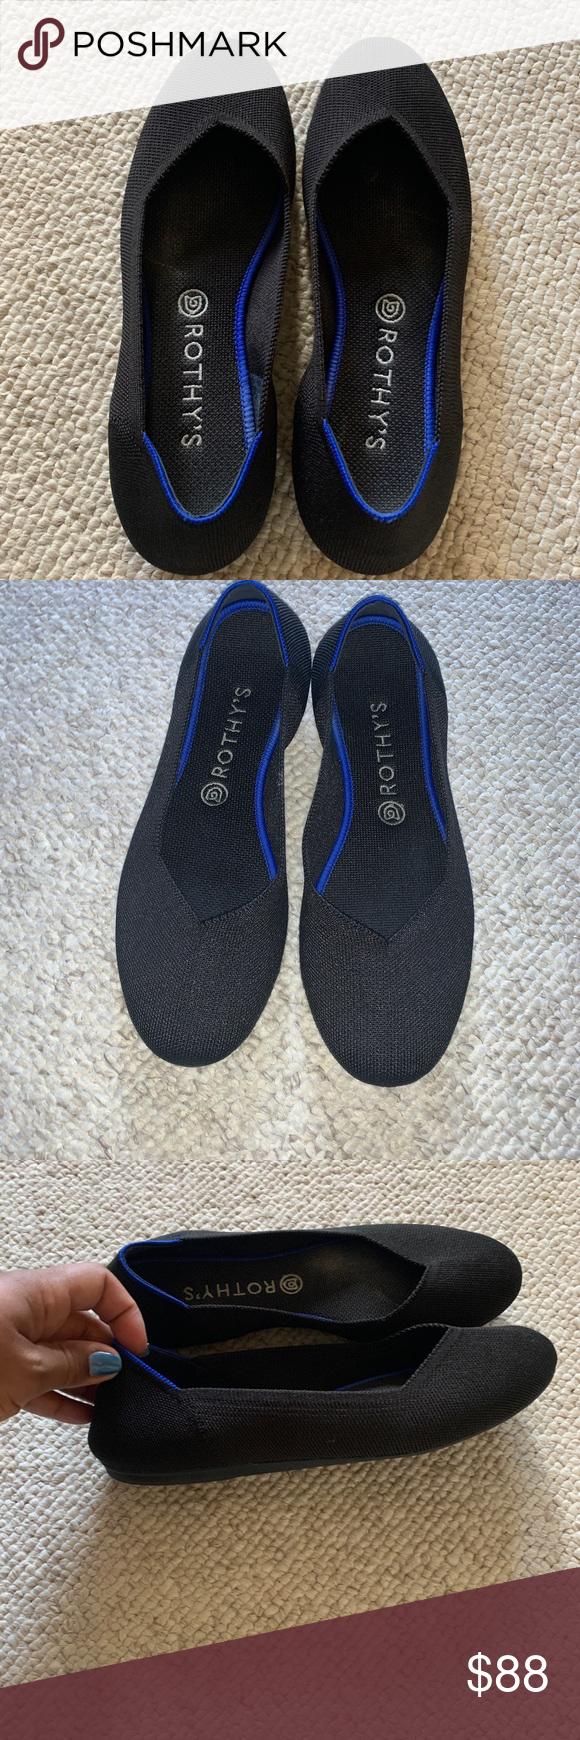 Rothy's round toe black flat size 10.5